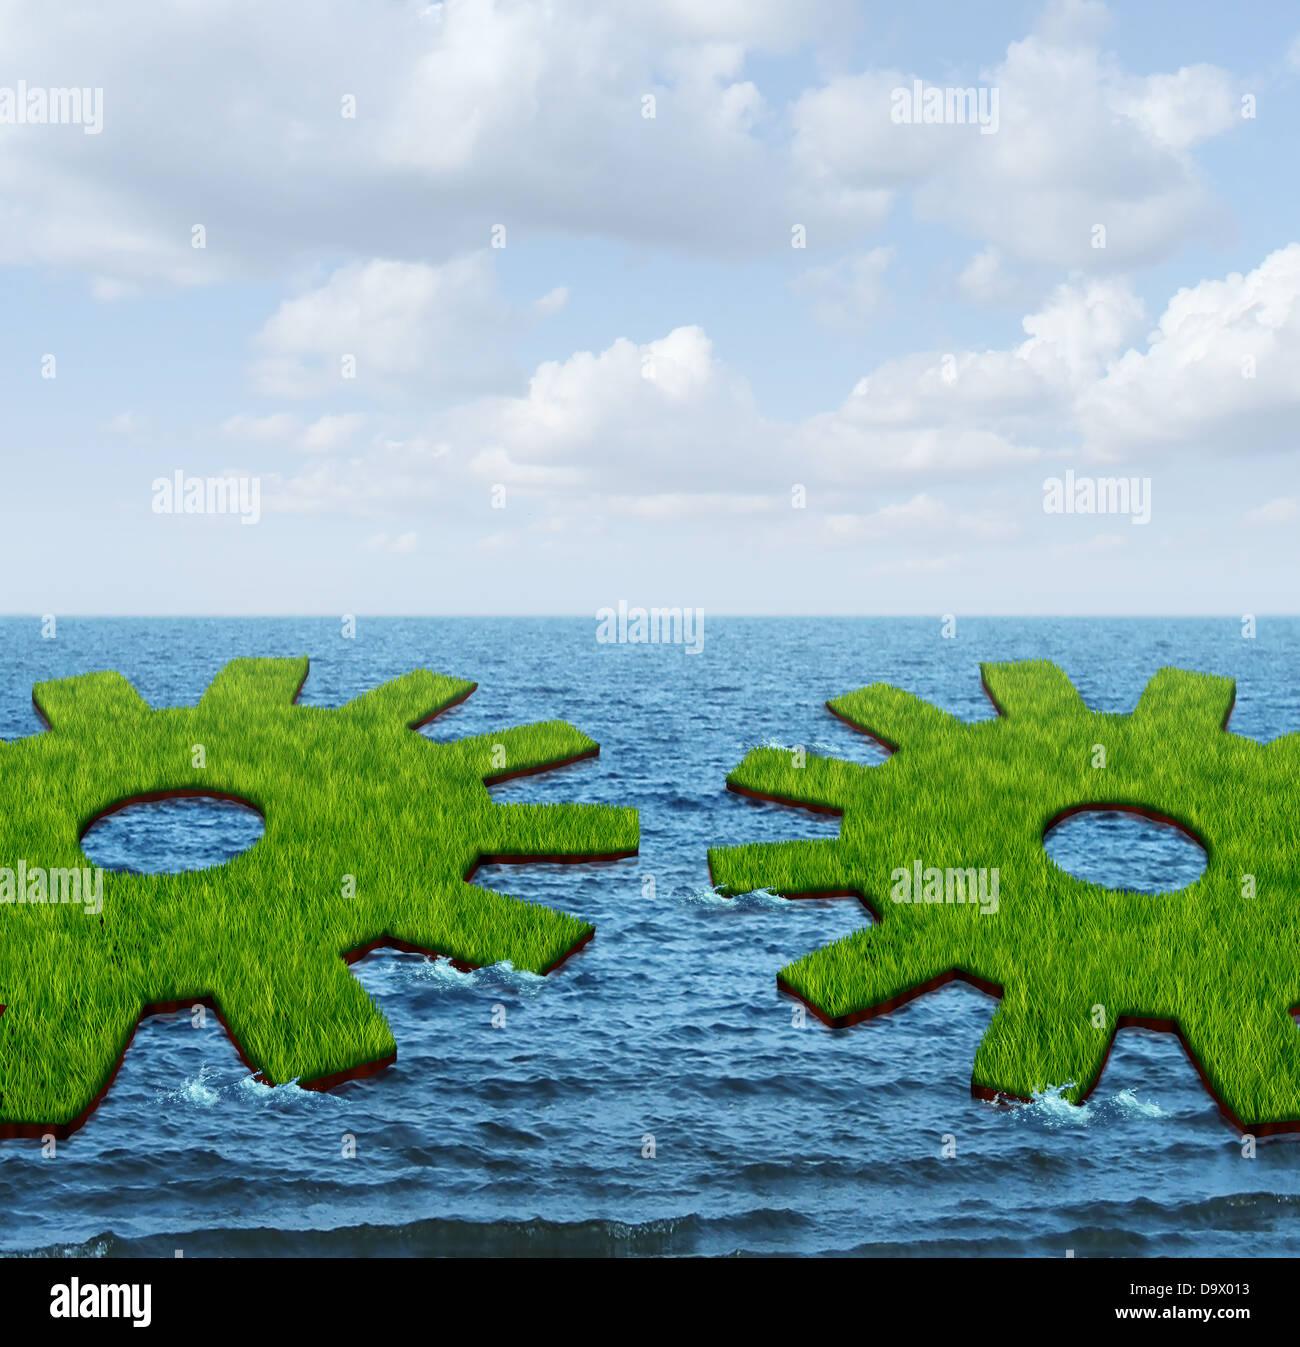 Weltweite Geschäftsbeziehungen mit zwei grünen Rasen Inseln schwimmend auf dem Ozean, geformt wie ein Stockbild